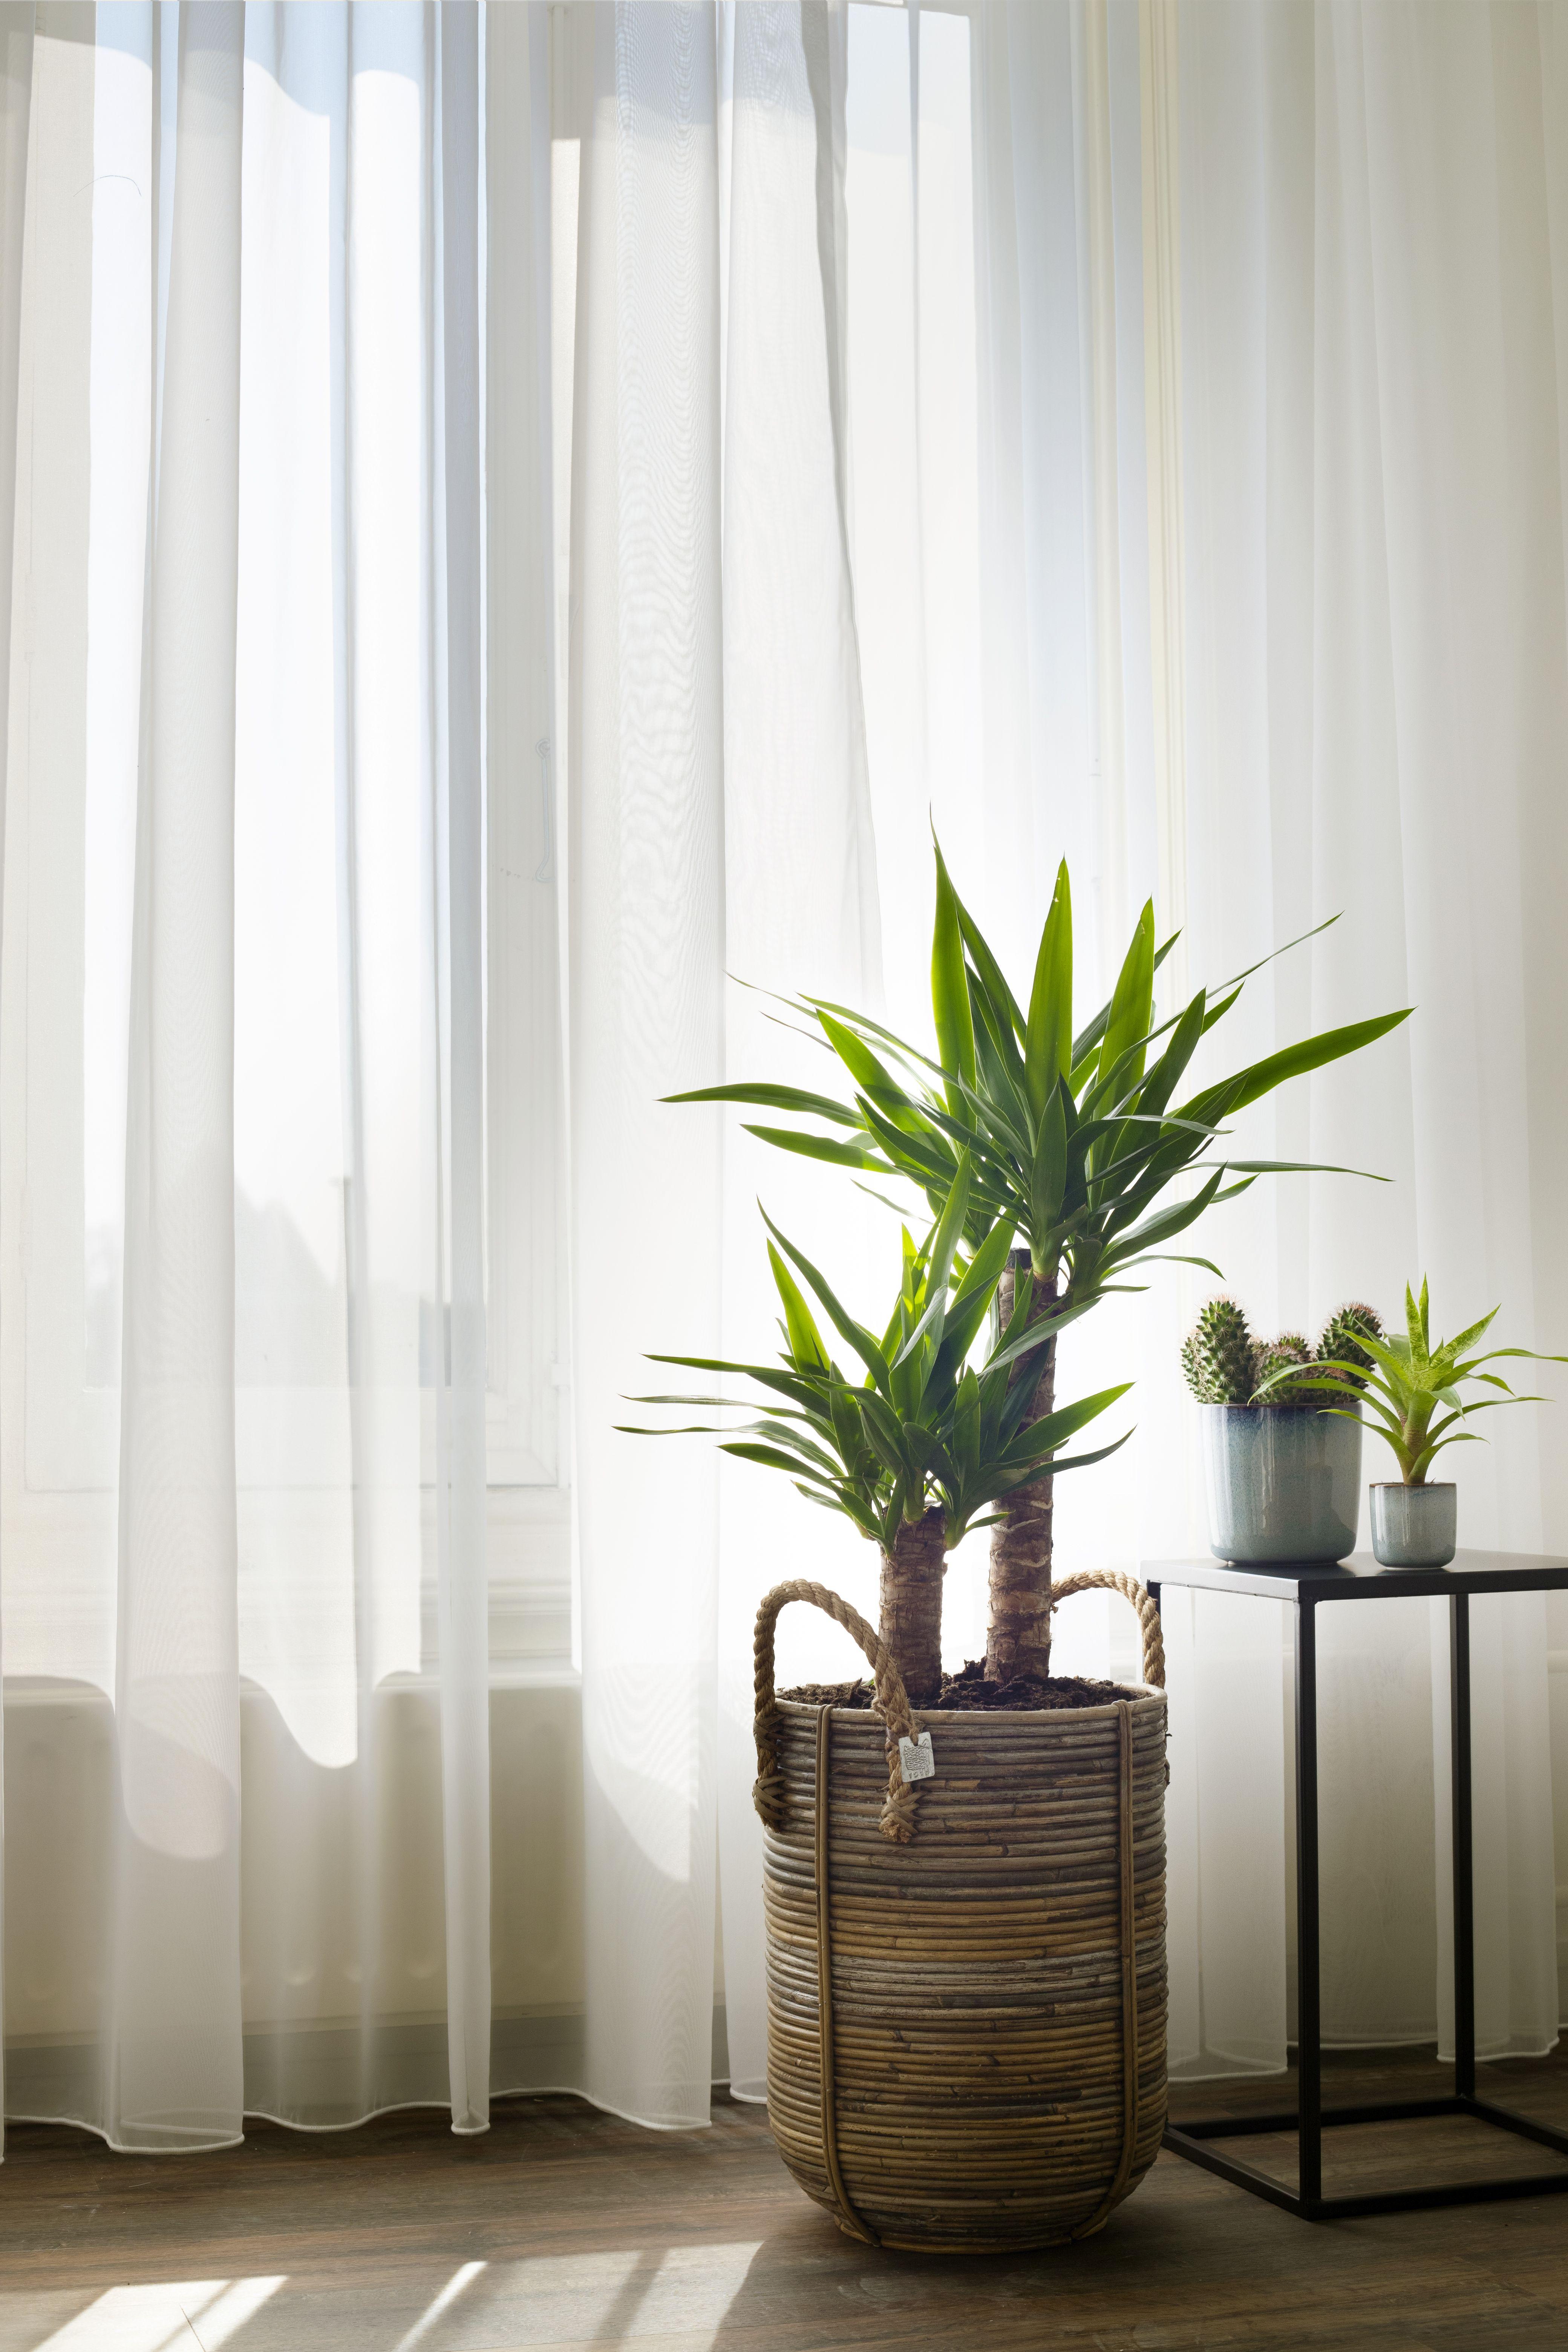 Je Gordijnen Zo Lang Mogelijk Mooi En Fris Houden Doe Je Zo Huis Ideeen Decoratie Slaapkamerideeen Huis Interieur